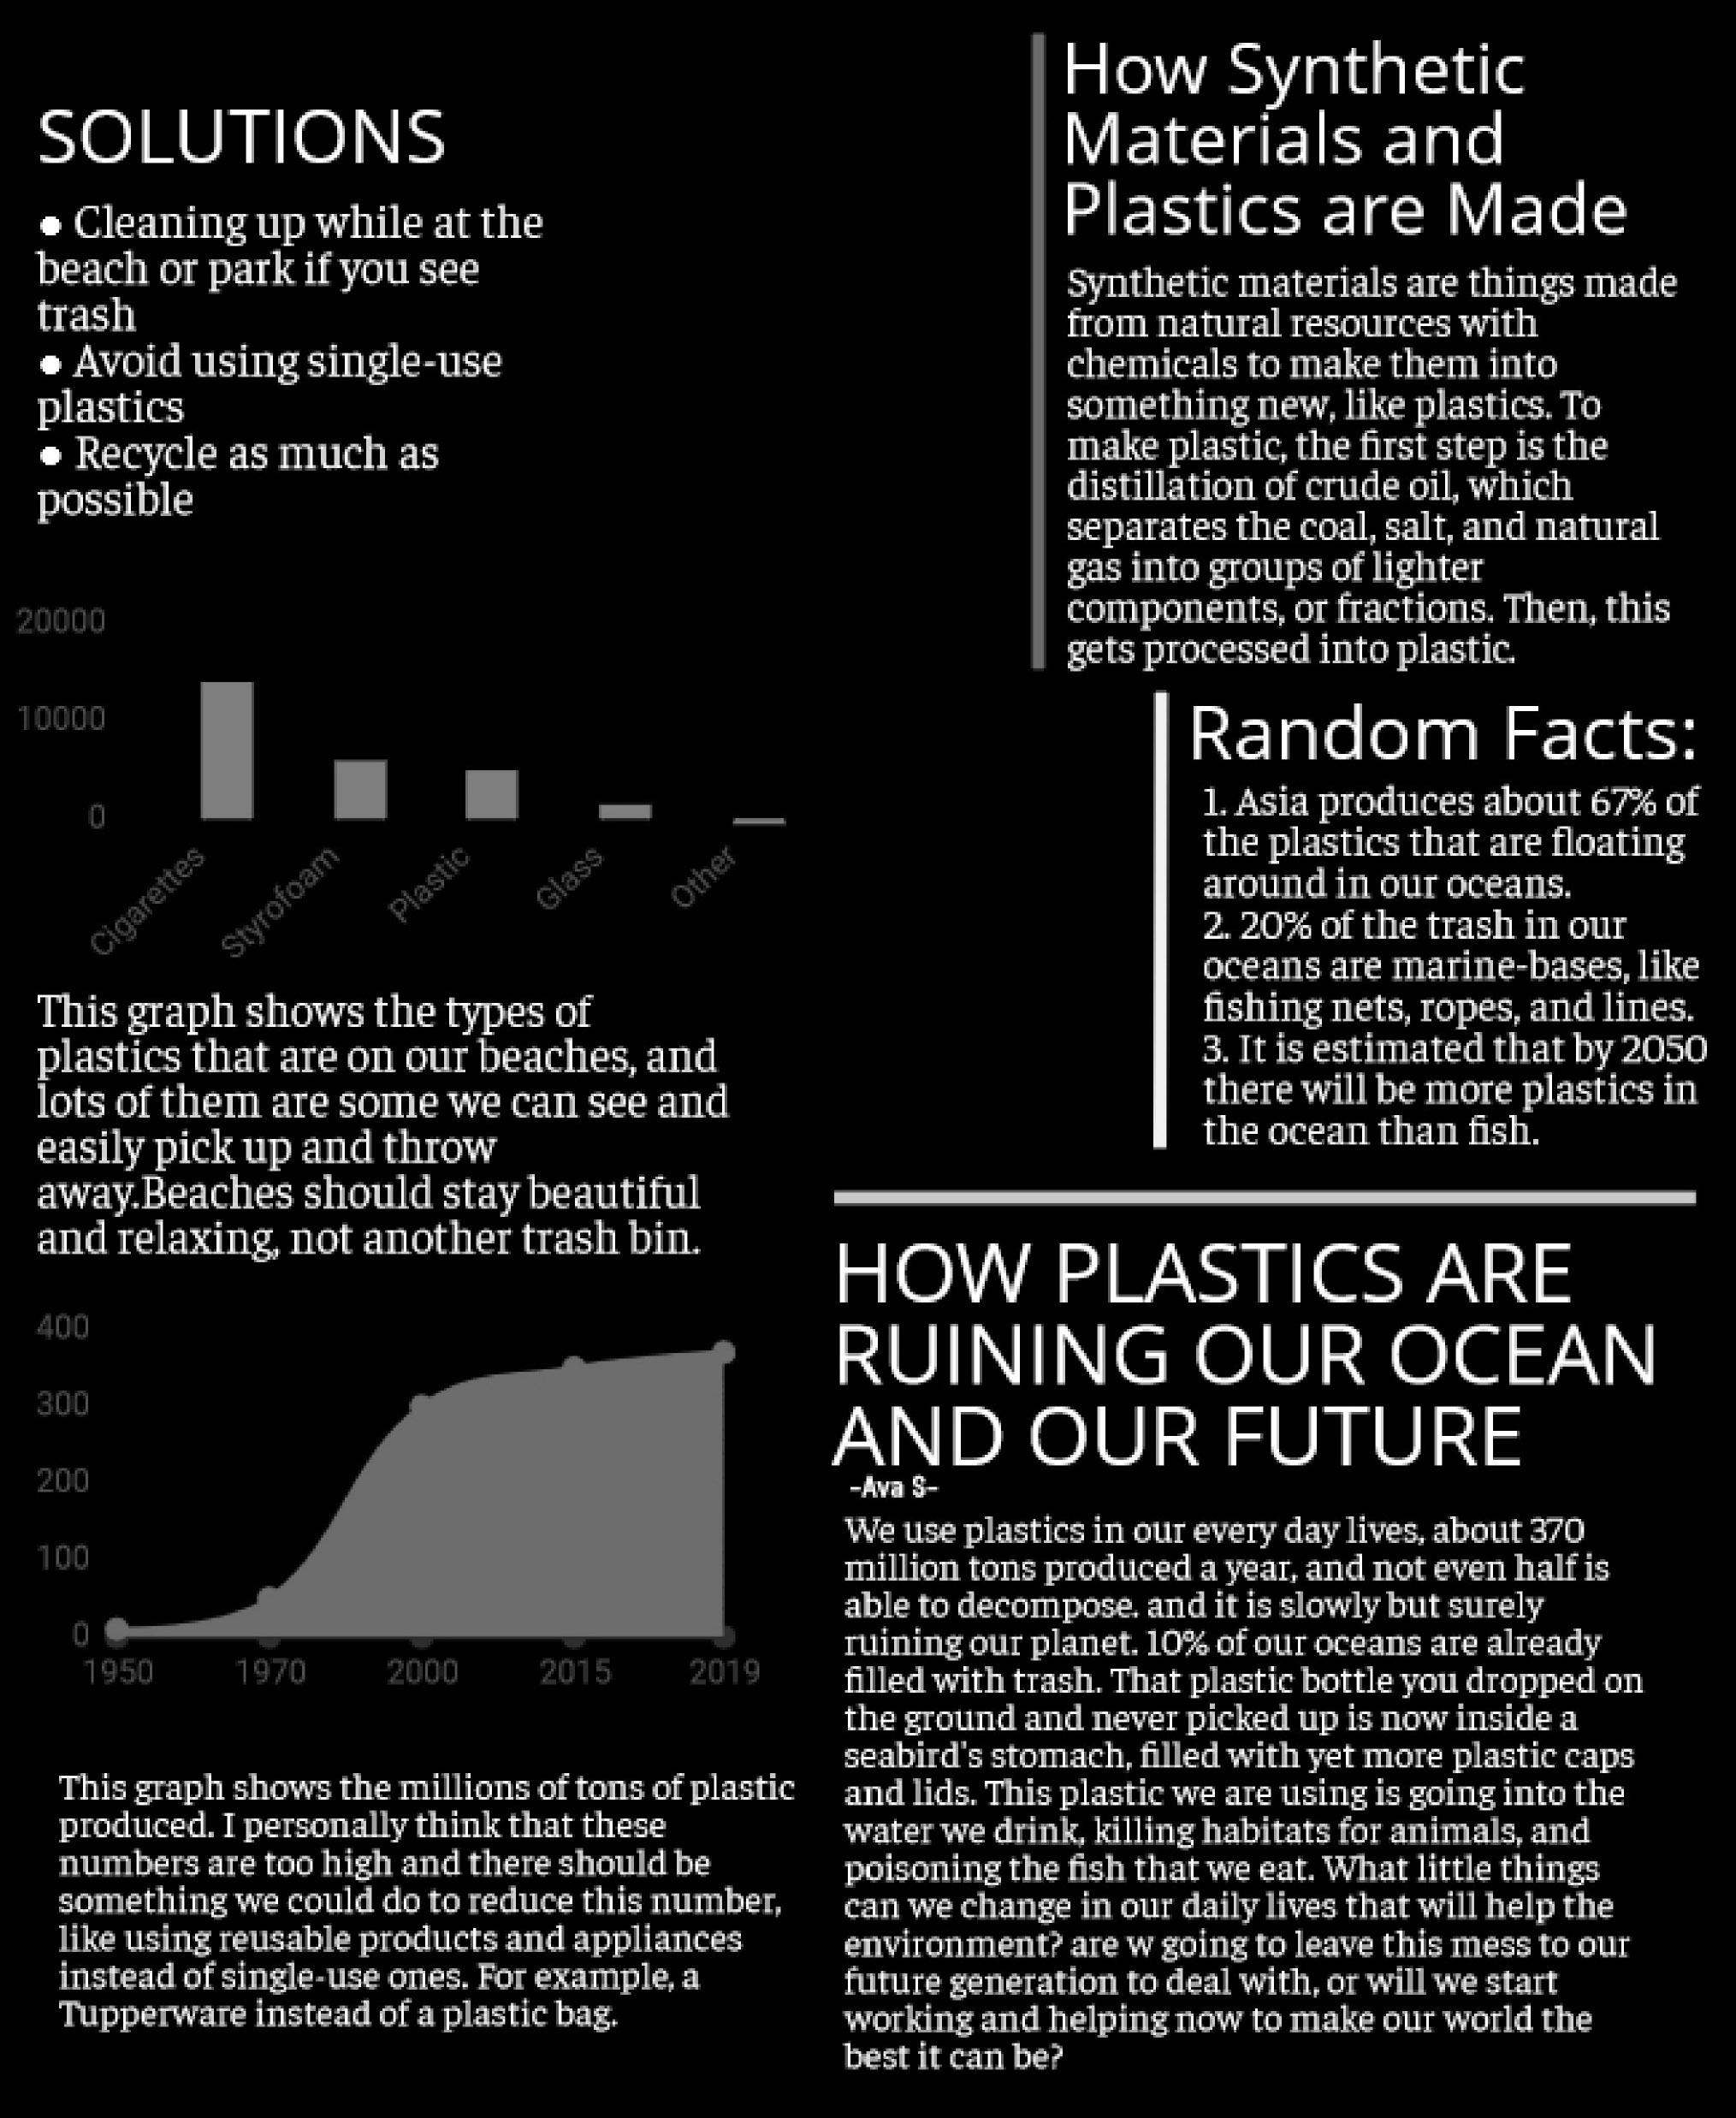 Ava Skolrud - How Plastics are Ruining our Ocean